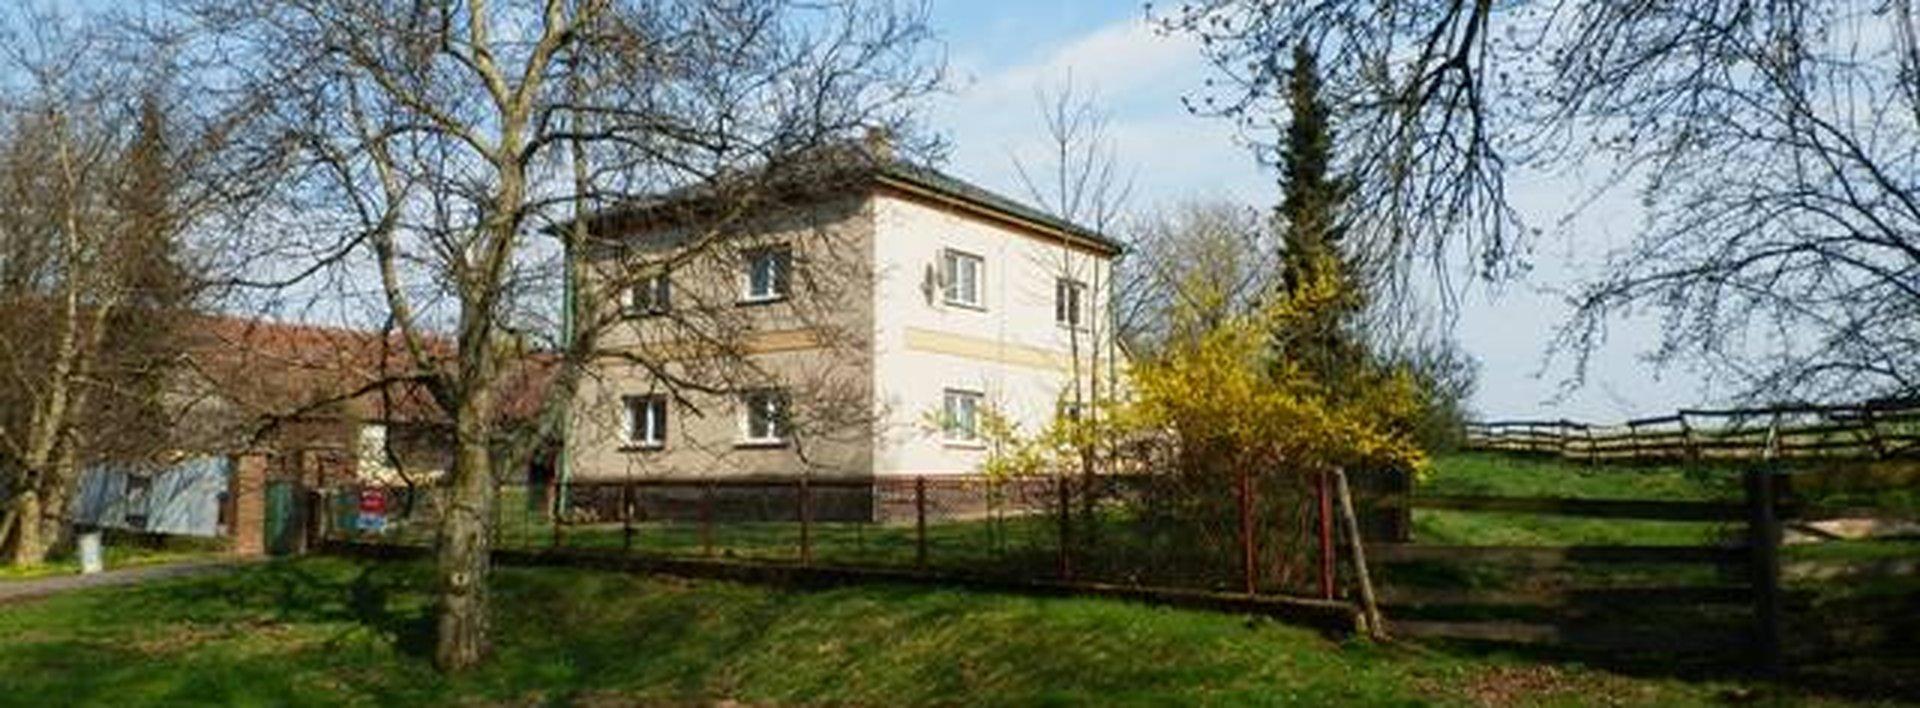 Prodej RD s hospodářstvím a velkou zahradou, 180m², Ev.č.: N46241